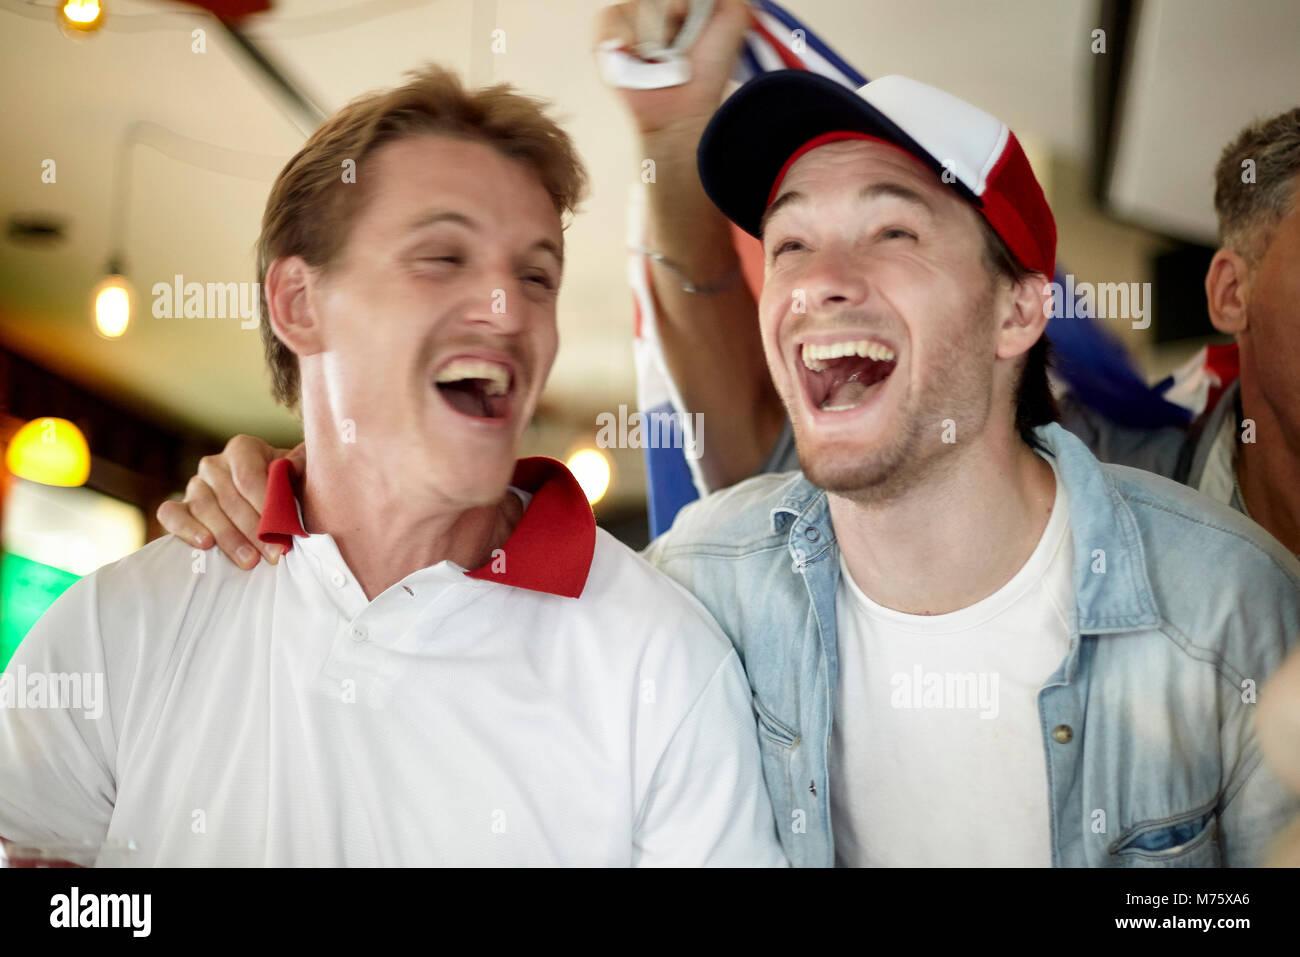 Sportbegeisterte Sieg feiern, während Sie in der Bar Stockbild